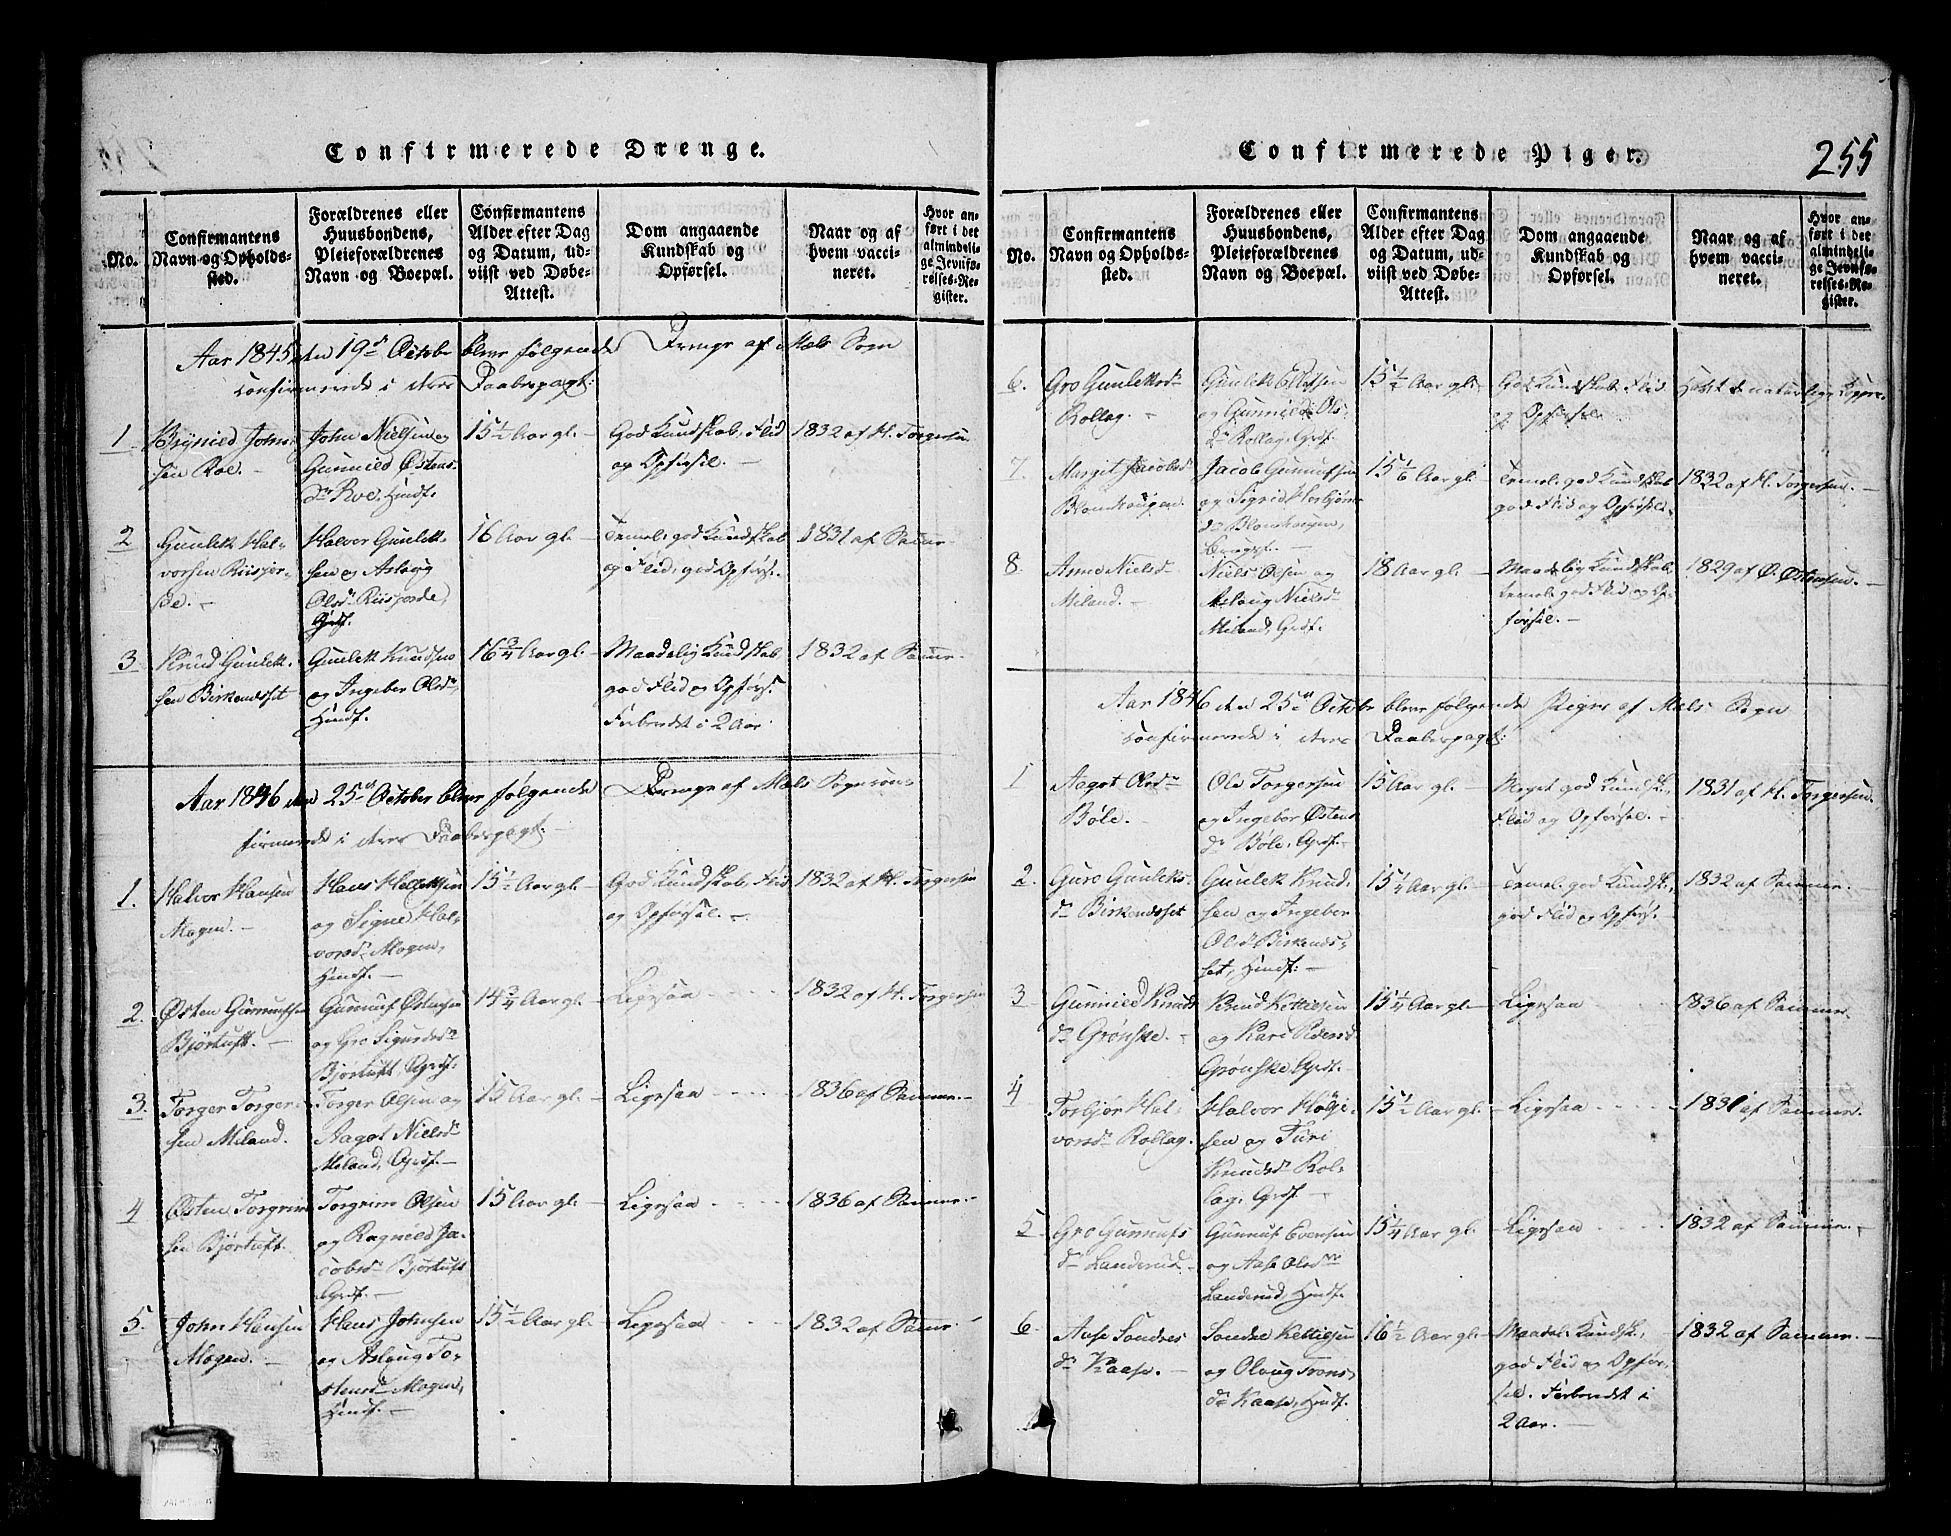 SAKO, Tinn kirkebøker, G/Gb/L0001: Klokkerbok nr. II 1 /1, 1815-1850, s. 255